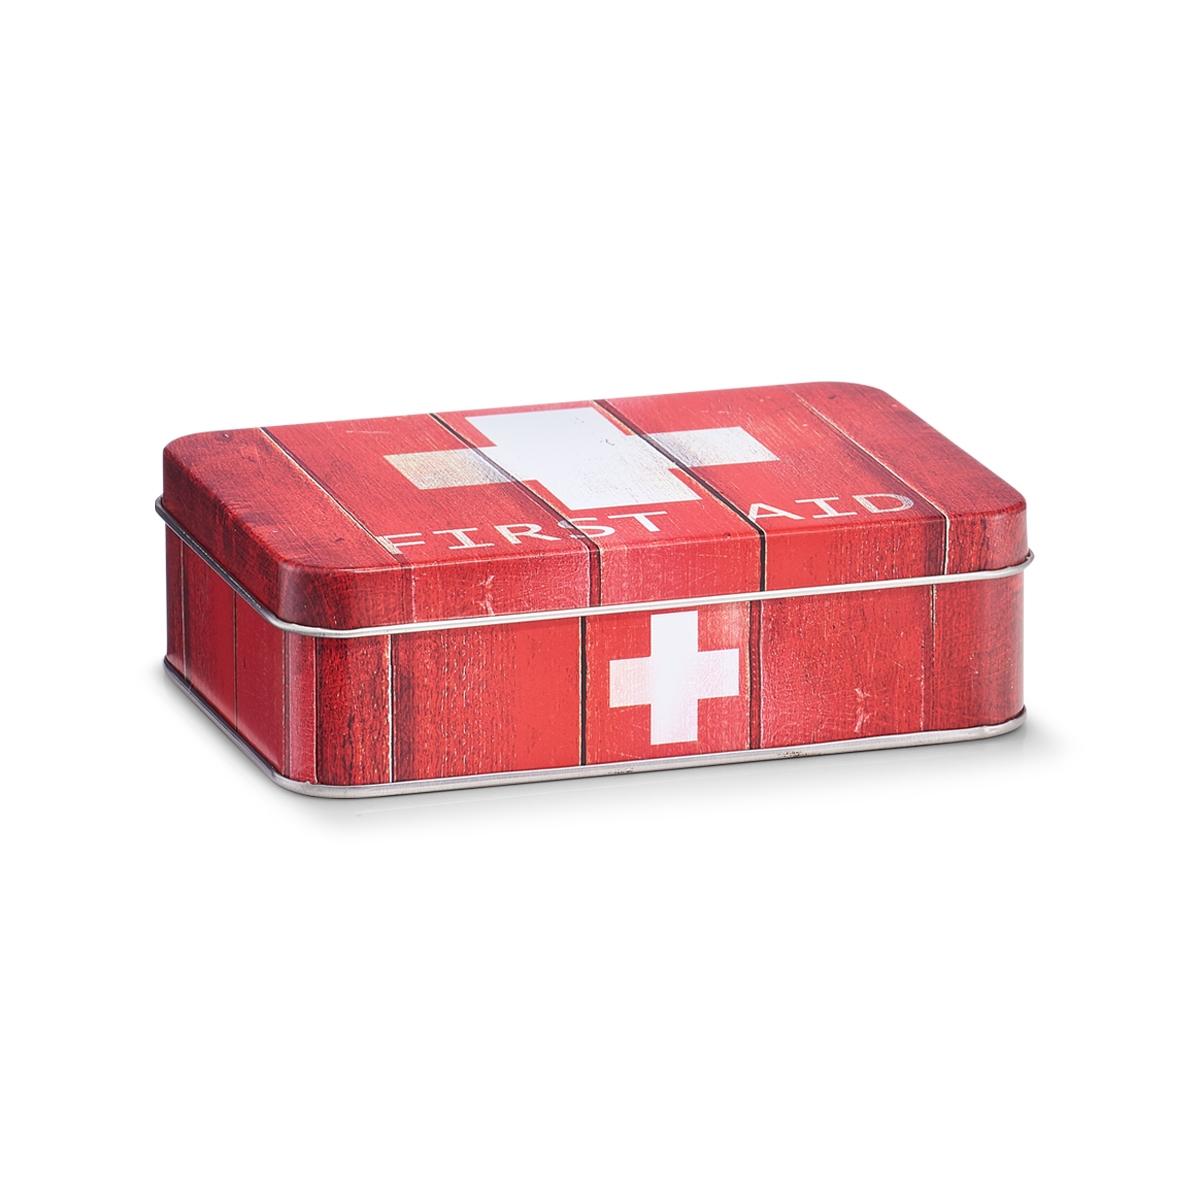 Cutie pentru depozitarea medicamentelor, First Aid, Metal Red, l14xA10,1xH4,2 cm imagine